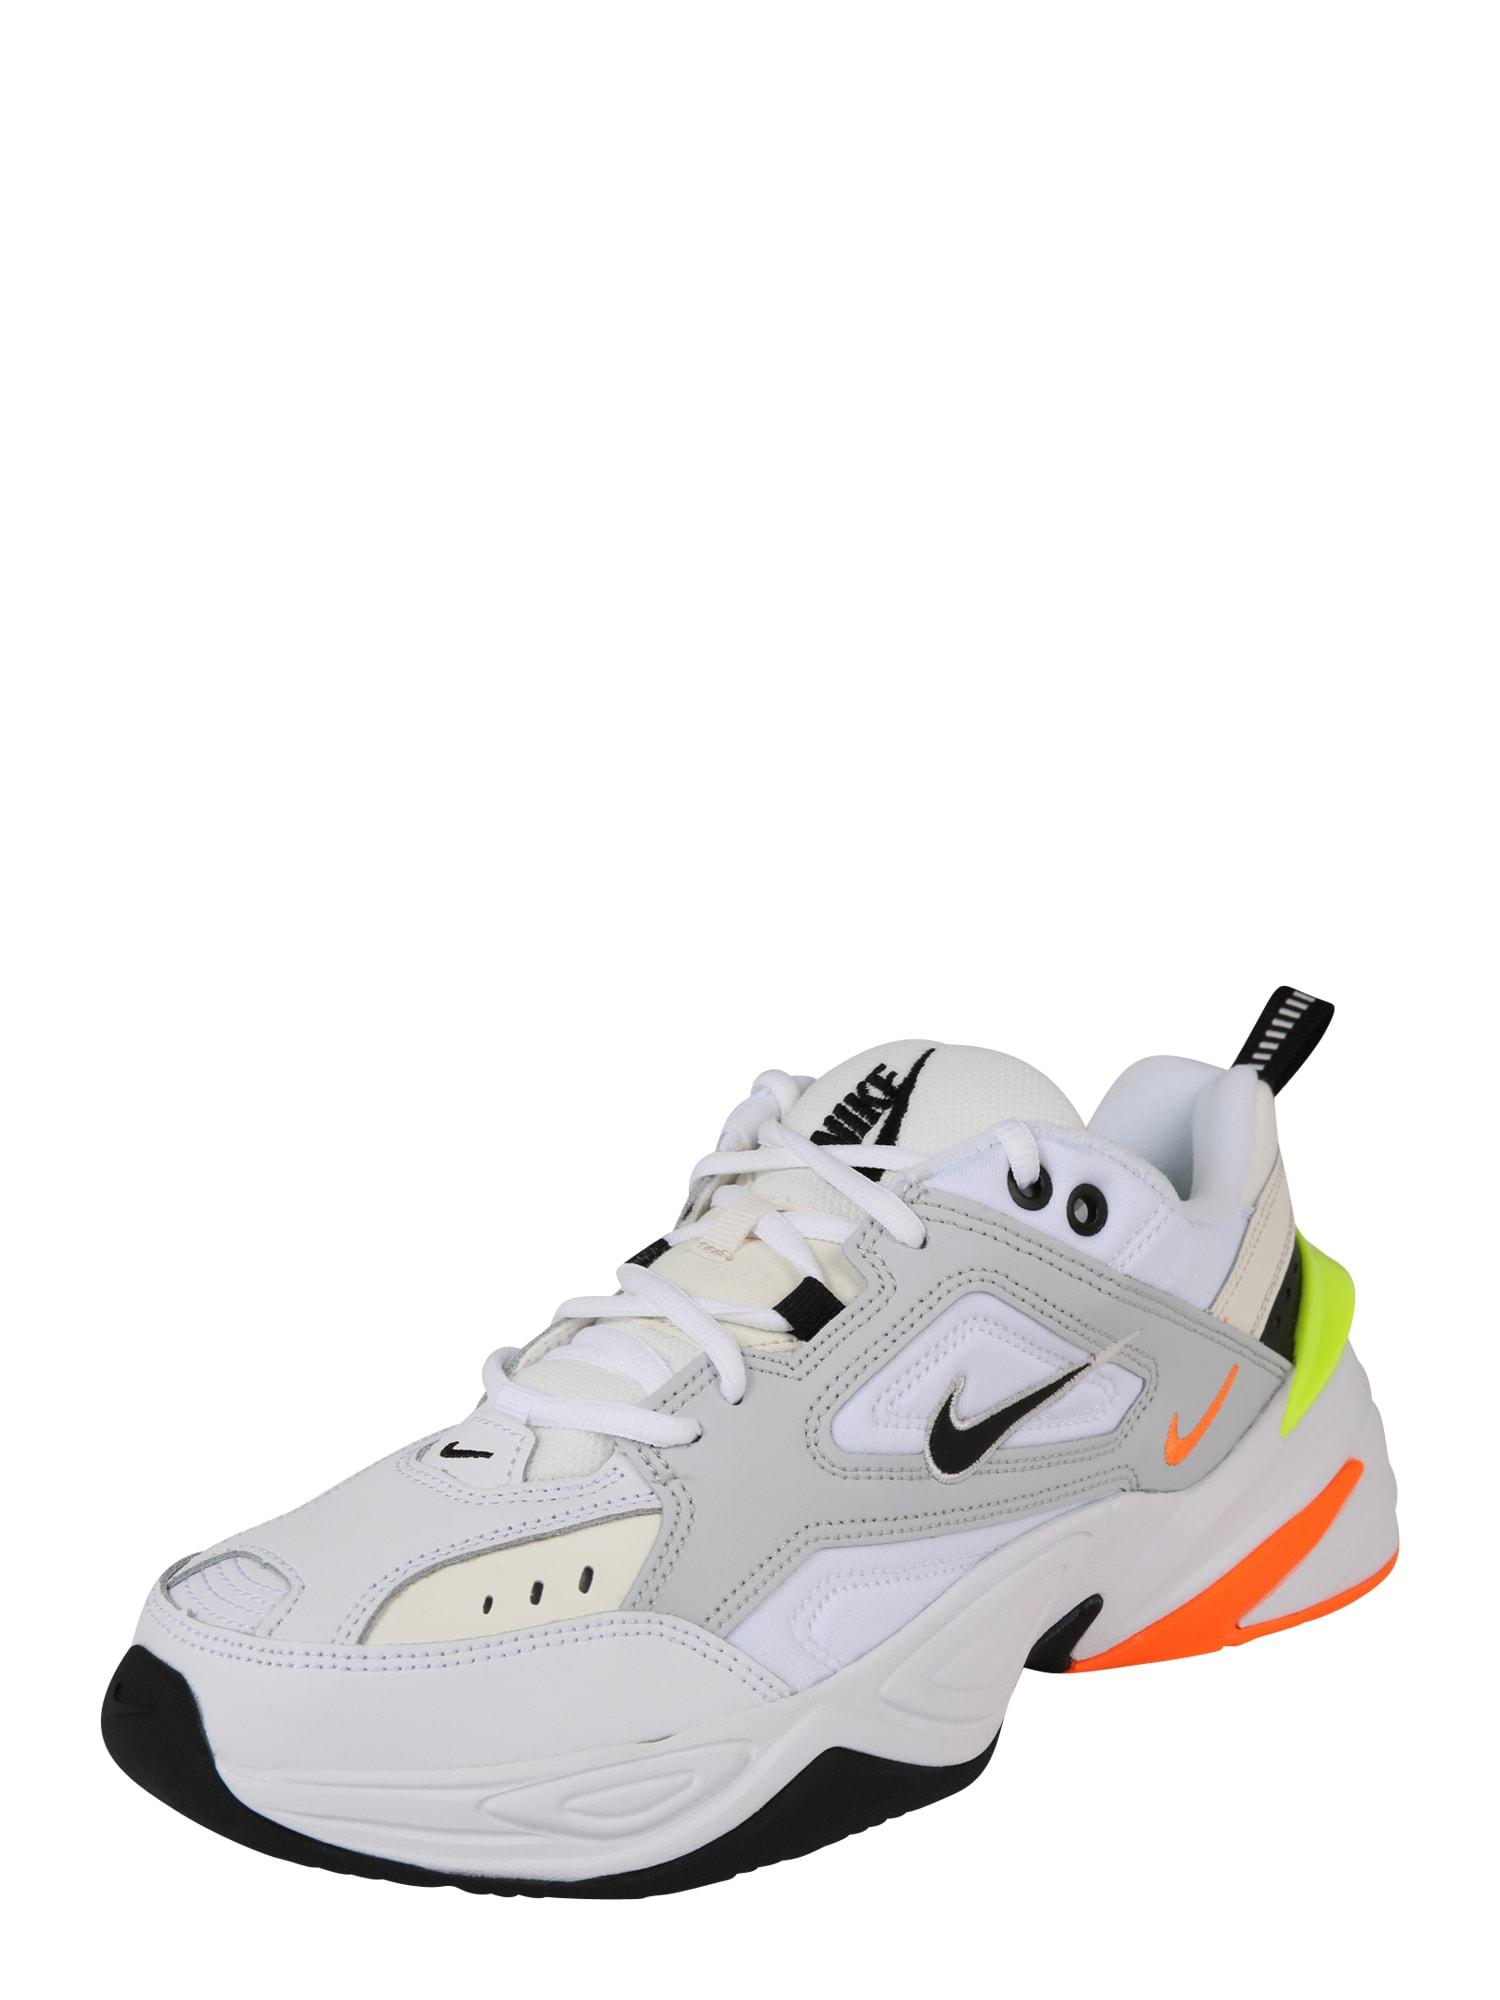 Nike Sportswear, Heren Sneakers laag 'M2K Tekno', neongeel / neonoranje / wit